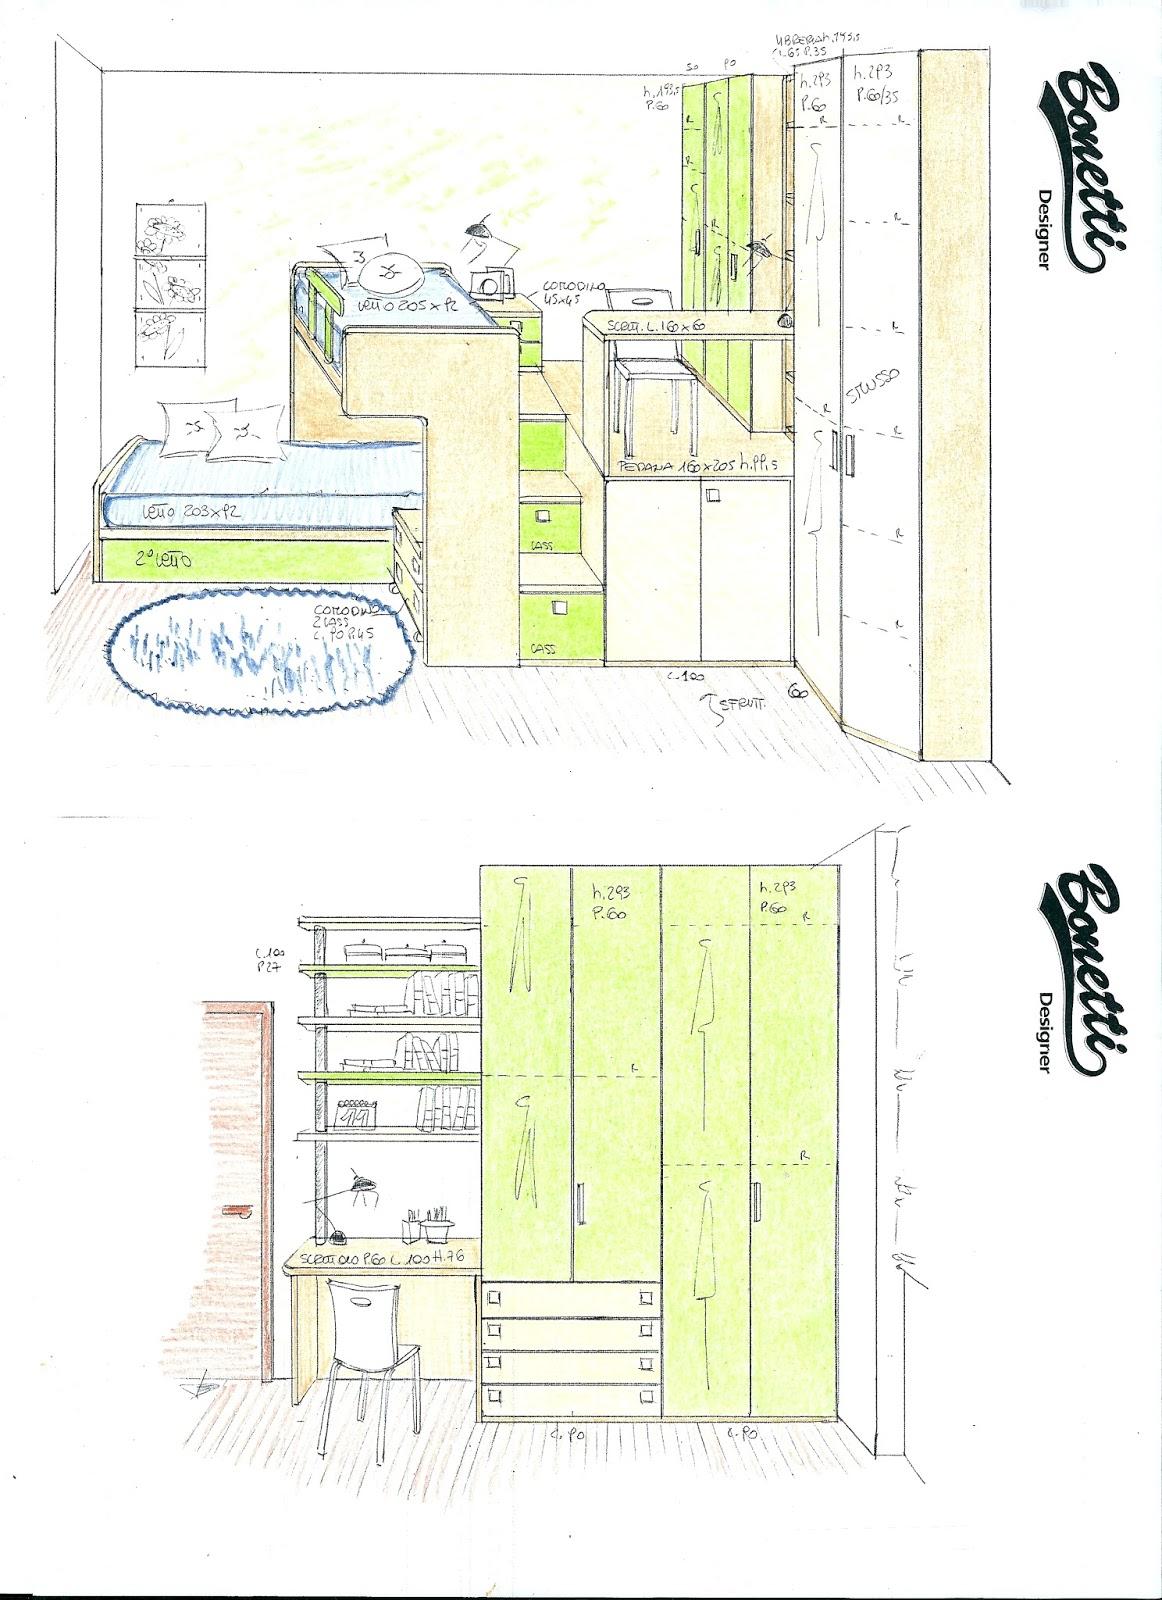 Bonetti camerette bonetti bedrooms progetti camerette piccole - Soluzioni camerette piccole ...